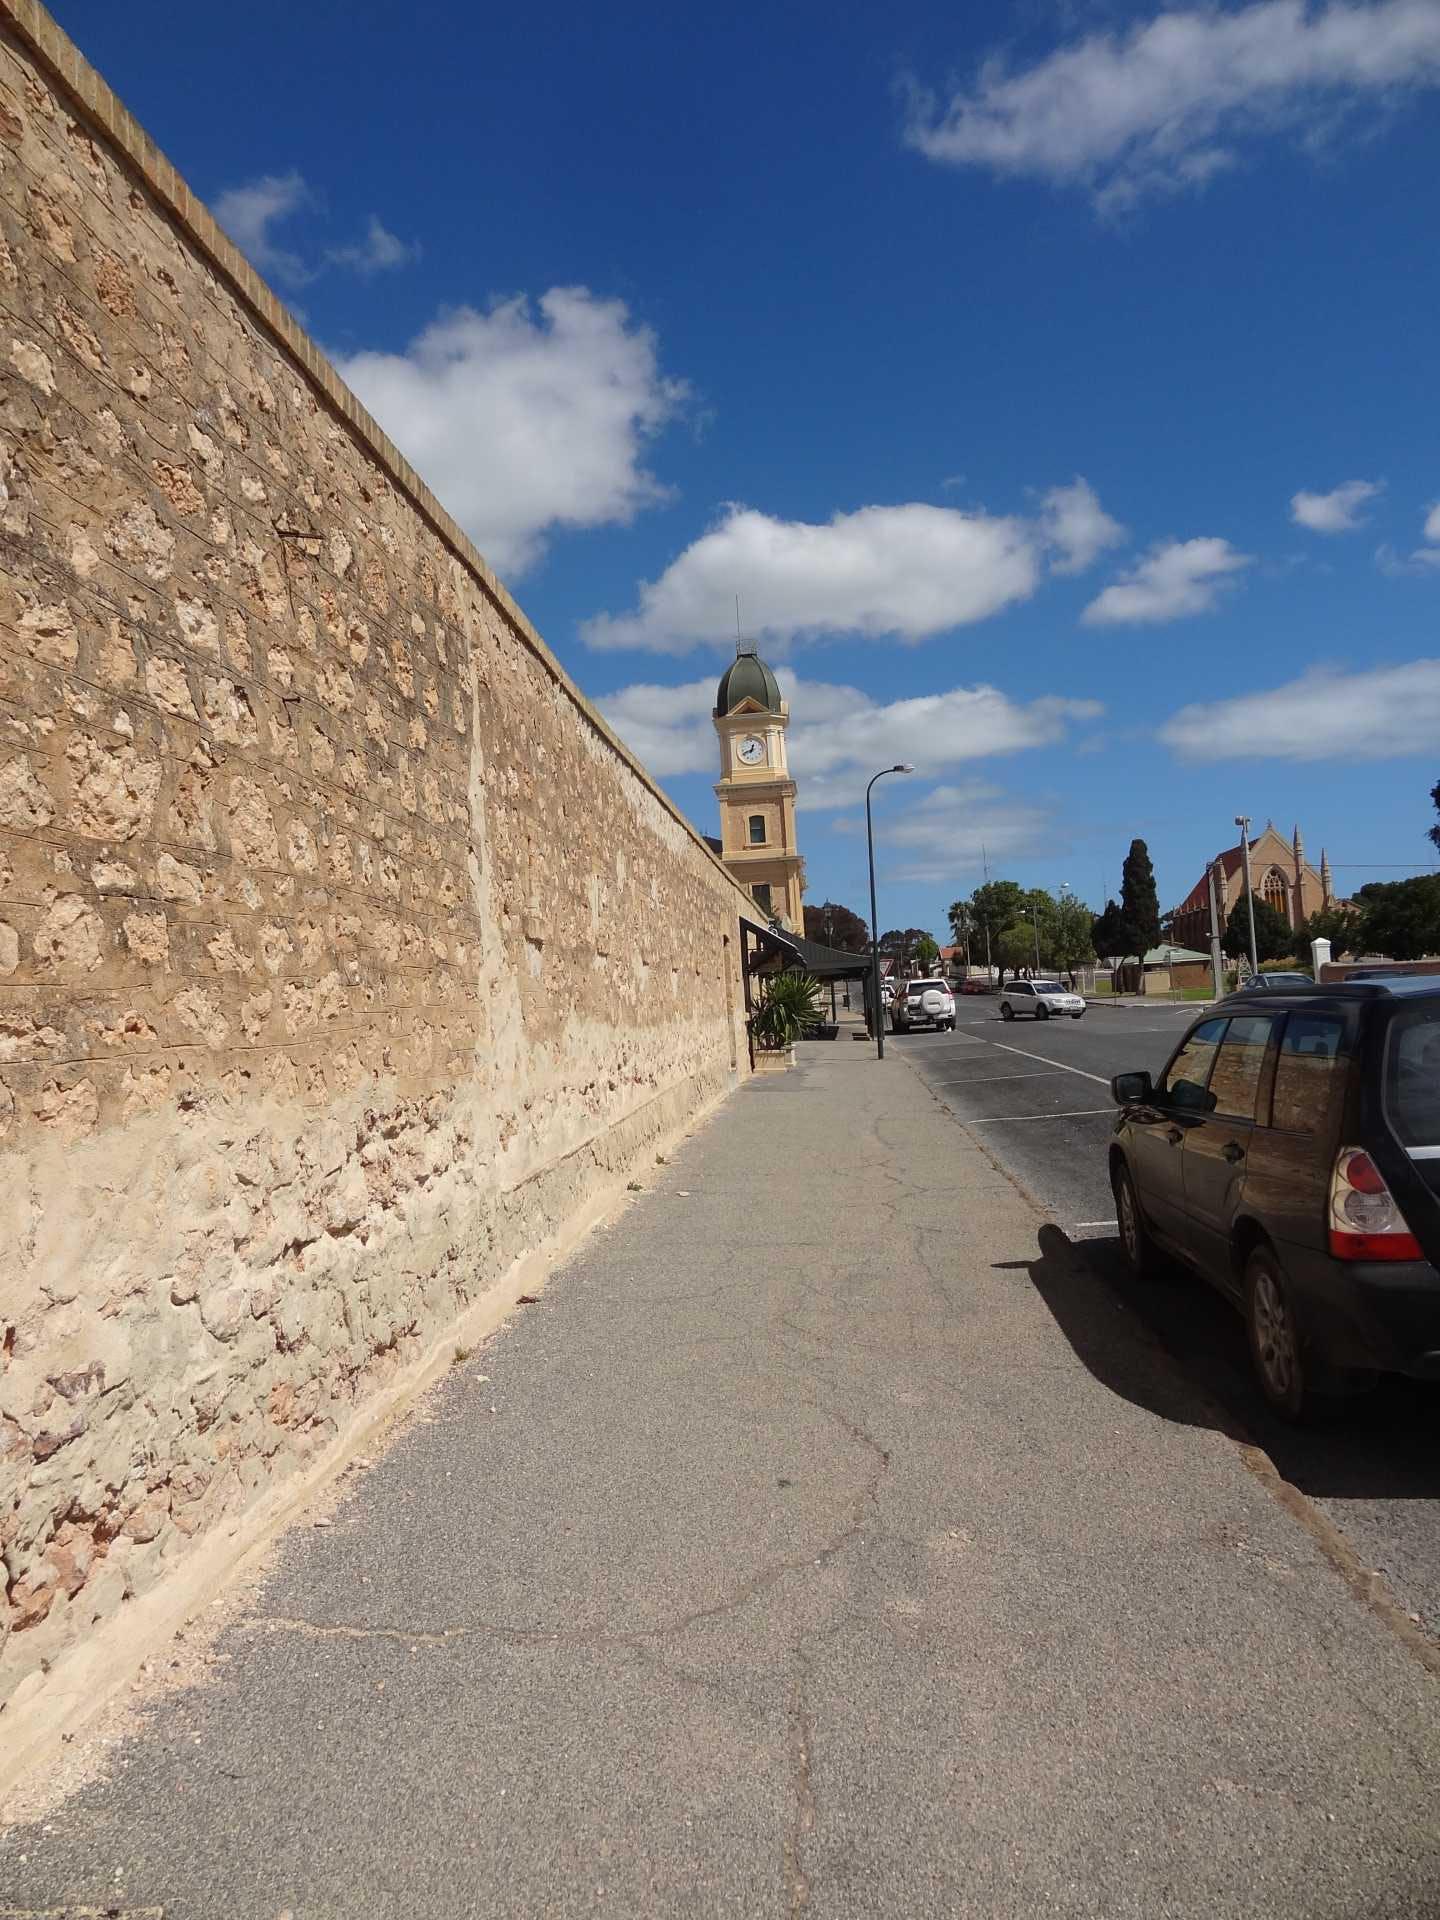 Moonta Town - image G&J Gardiner